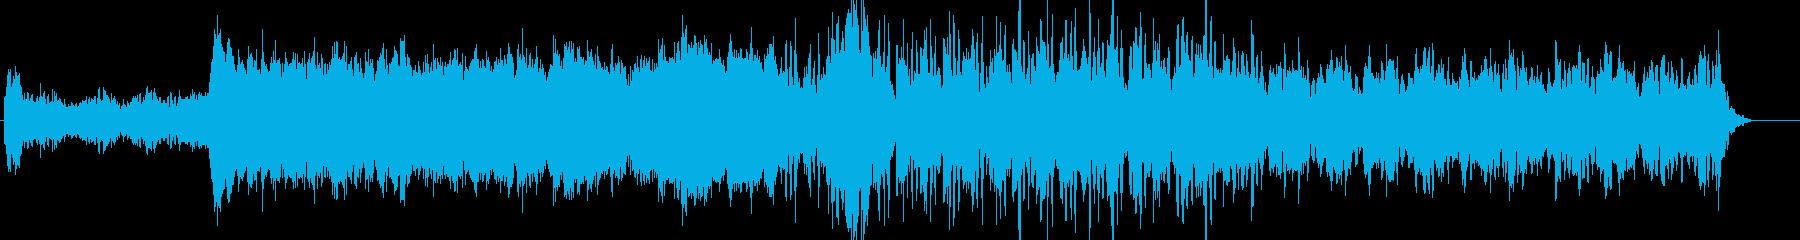 映画のオープニングのようなSFサウンドの再生済みの波形